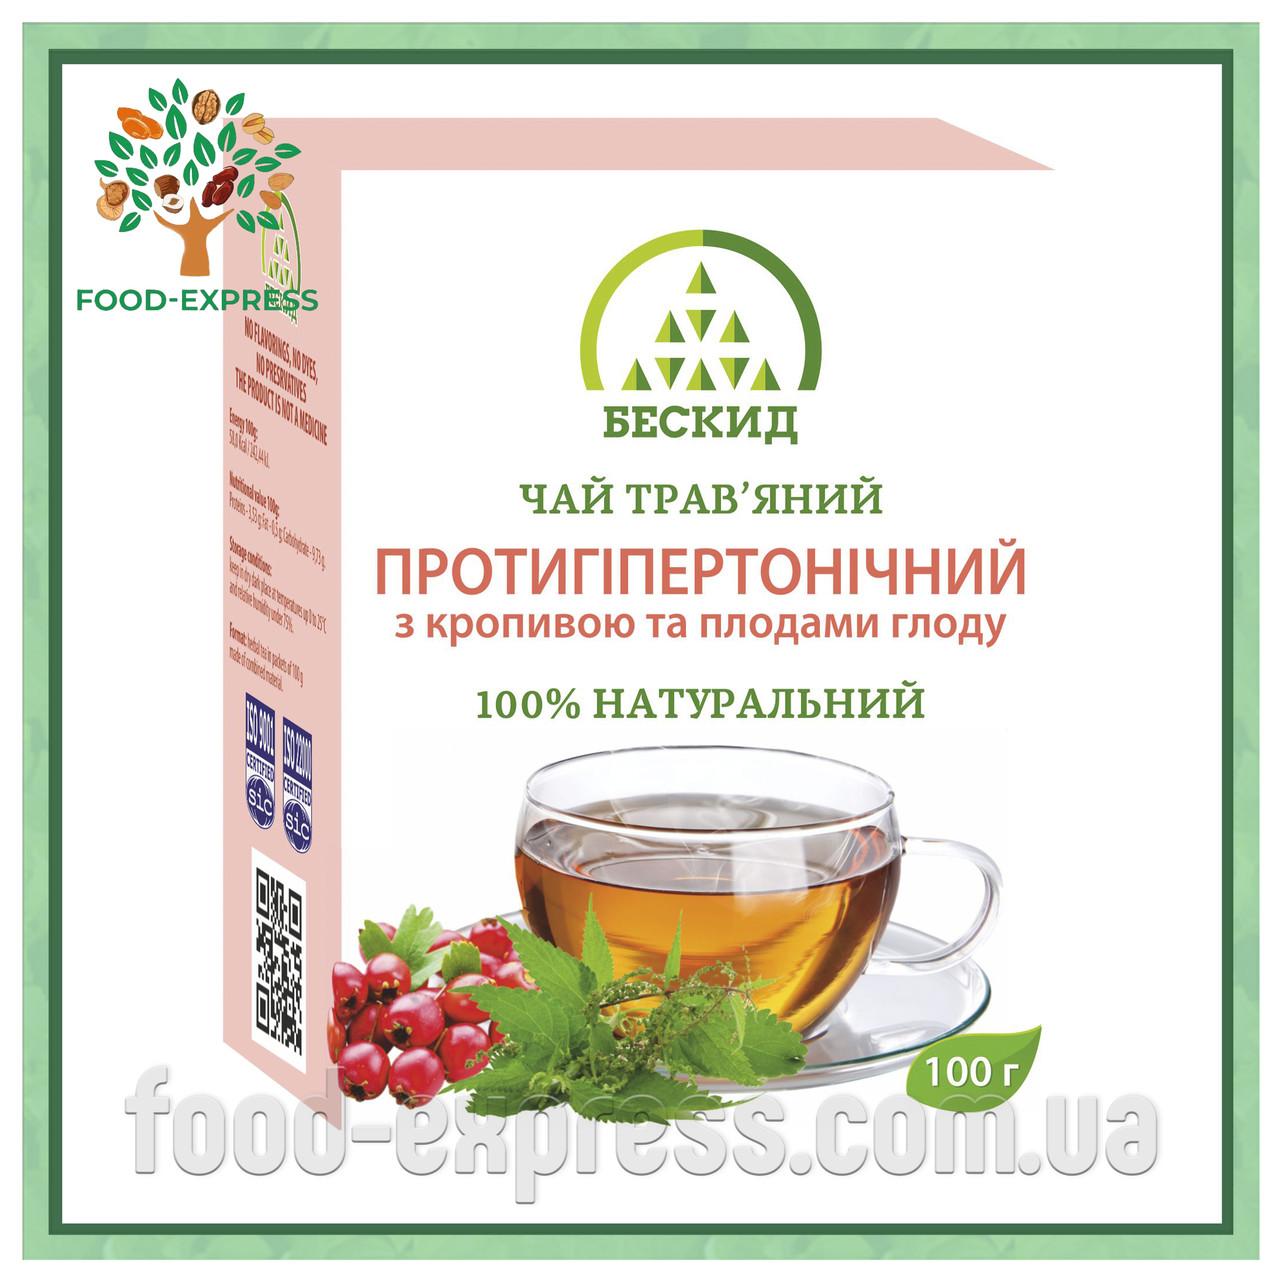 Чай трав'яний «Протигіпертонічний» з кропивою та плодами глоду 100г